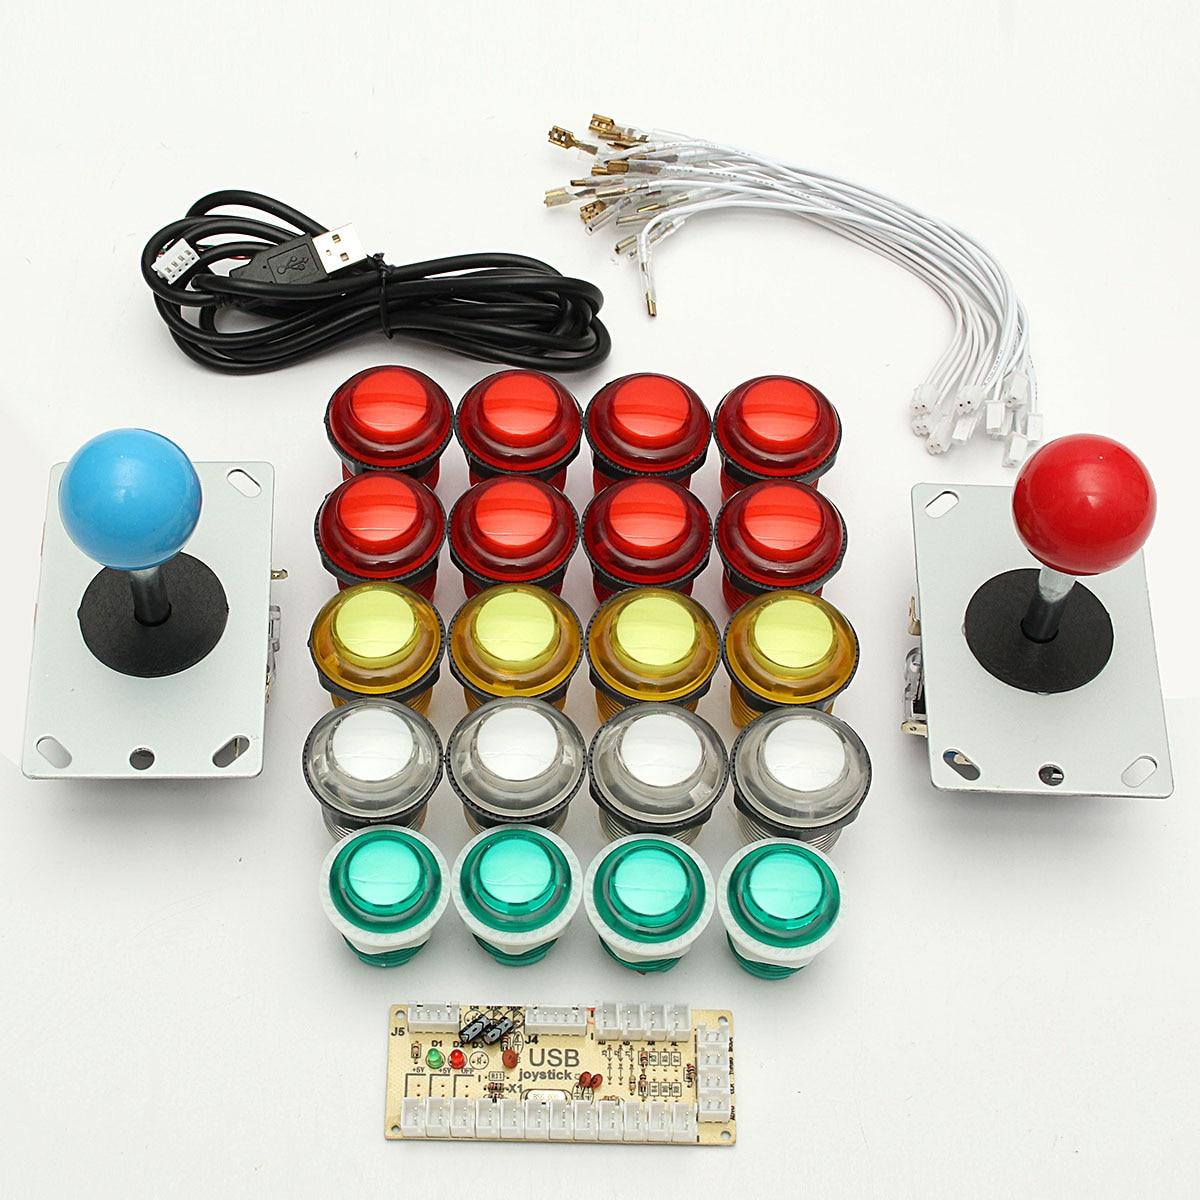 USB double lecteur encodeur cartes 8 voies manettes LED boutons lumineux PC jeux d'arcade kit de bricolage jeux accessoires Set contrôle